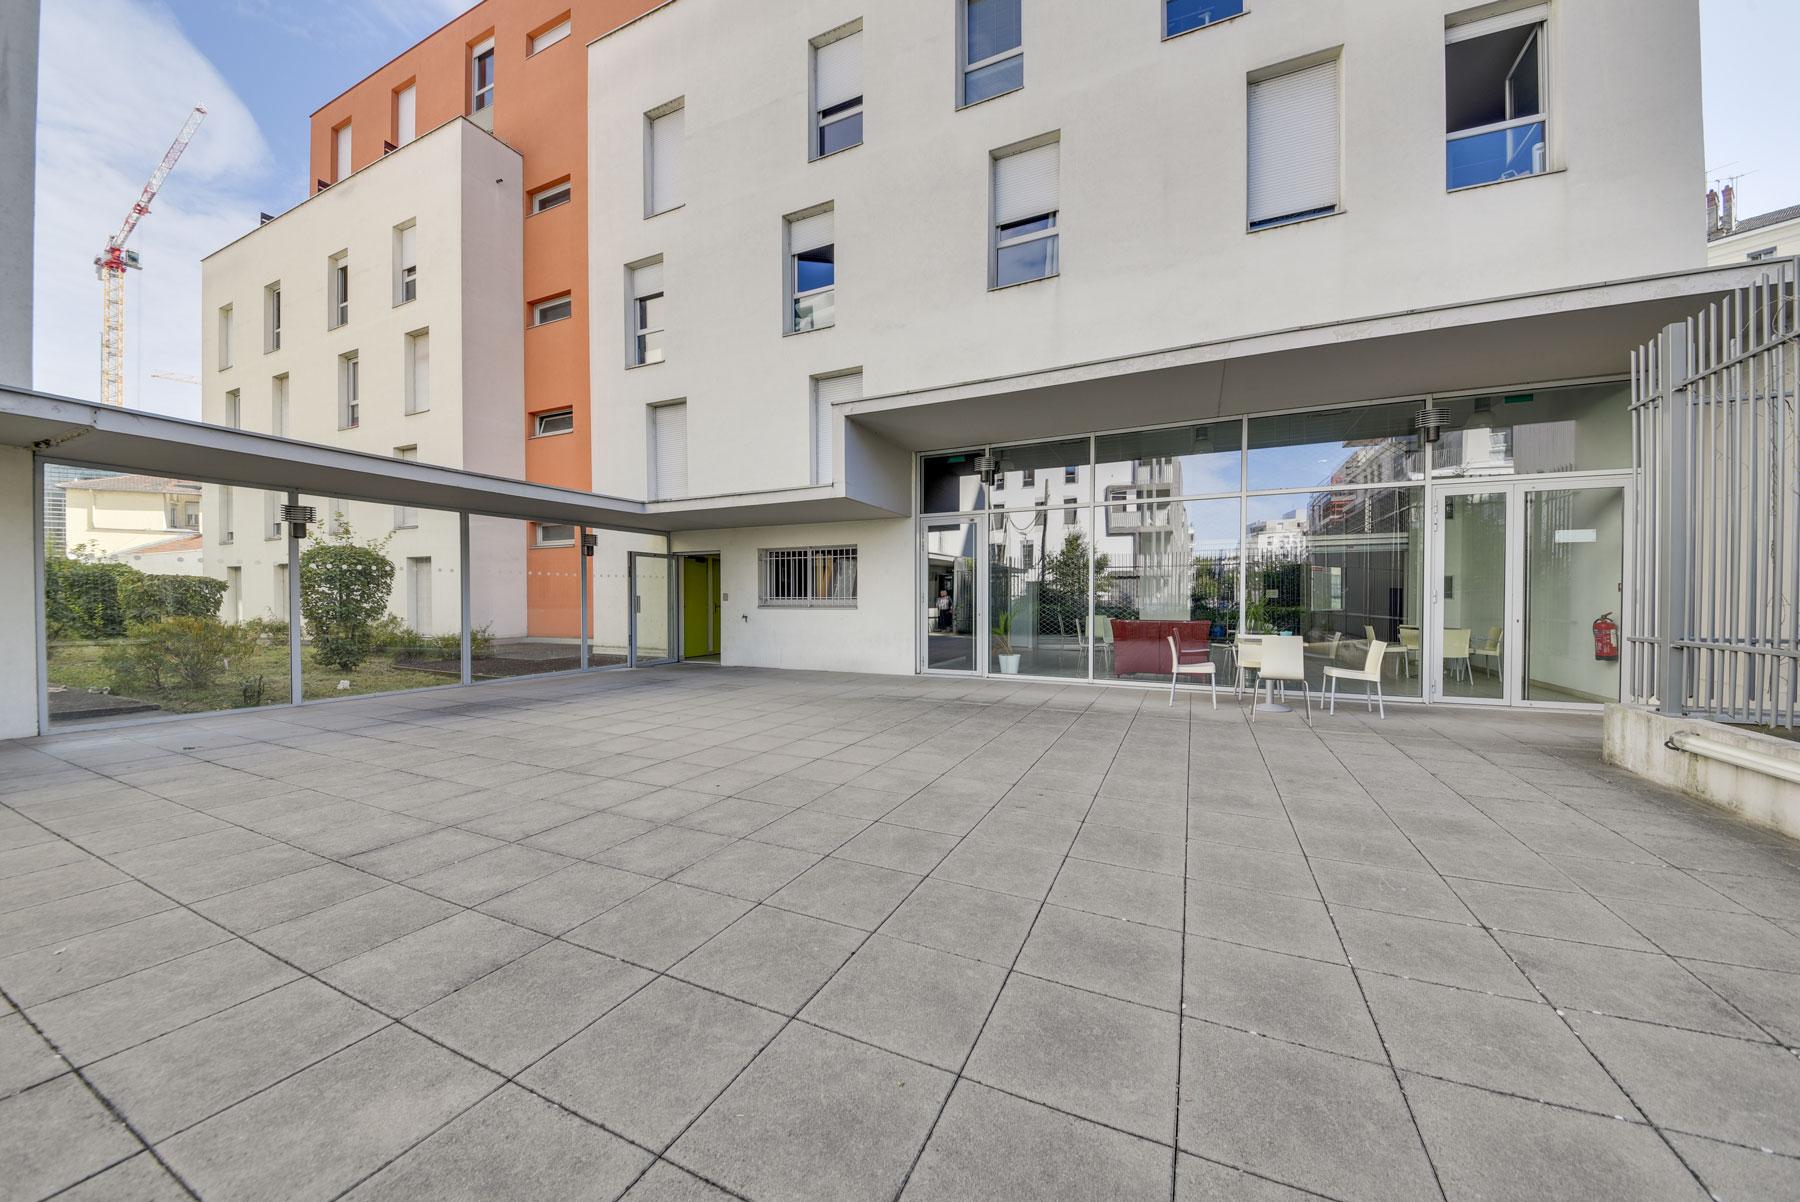 terrasse porte sécurisée LOGIFAC résidence étudiante Lyon Univers City